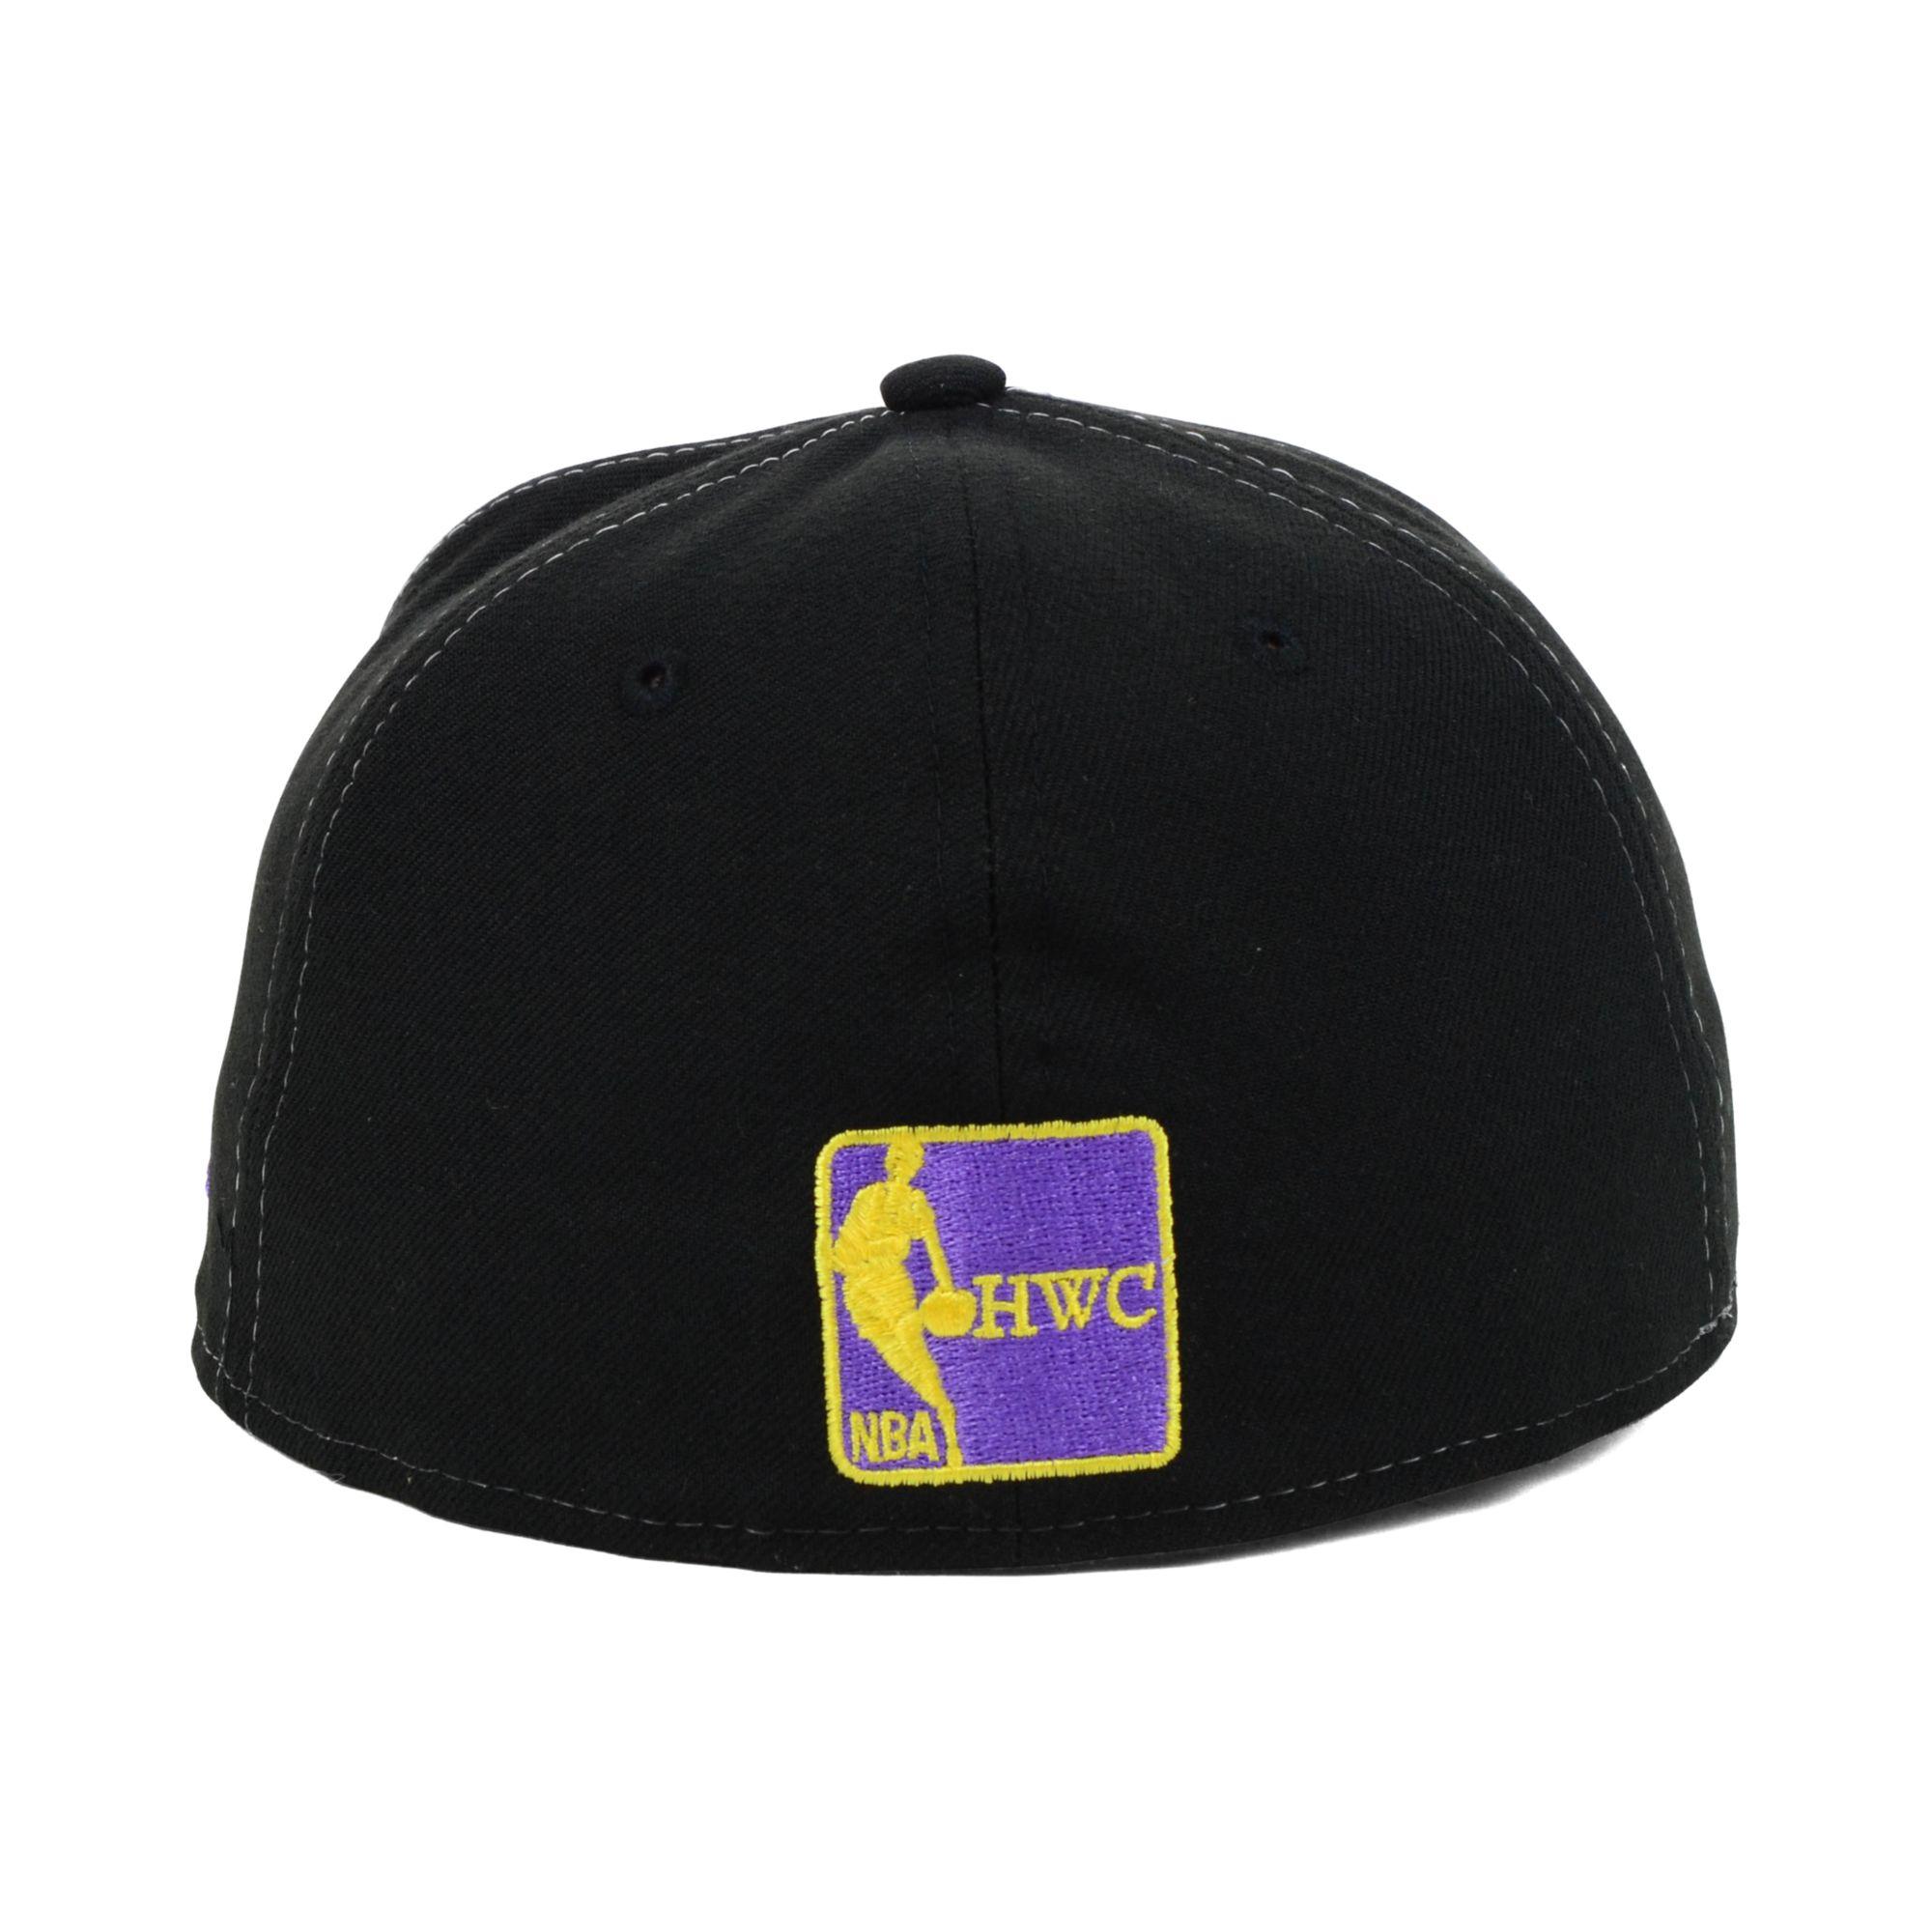 de309c55fdf Lyst - KTZ Los Angeles Lakers Nba Hardwood Classics 59fifty Cap in ...